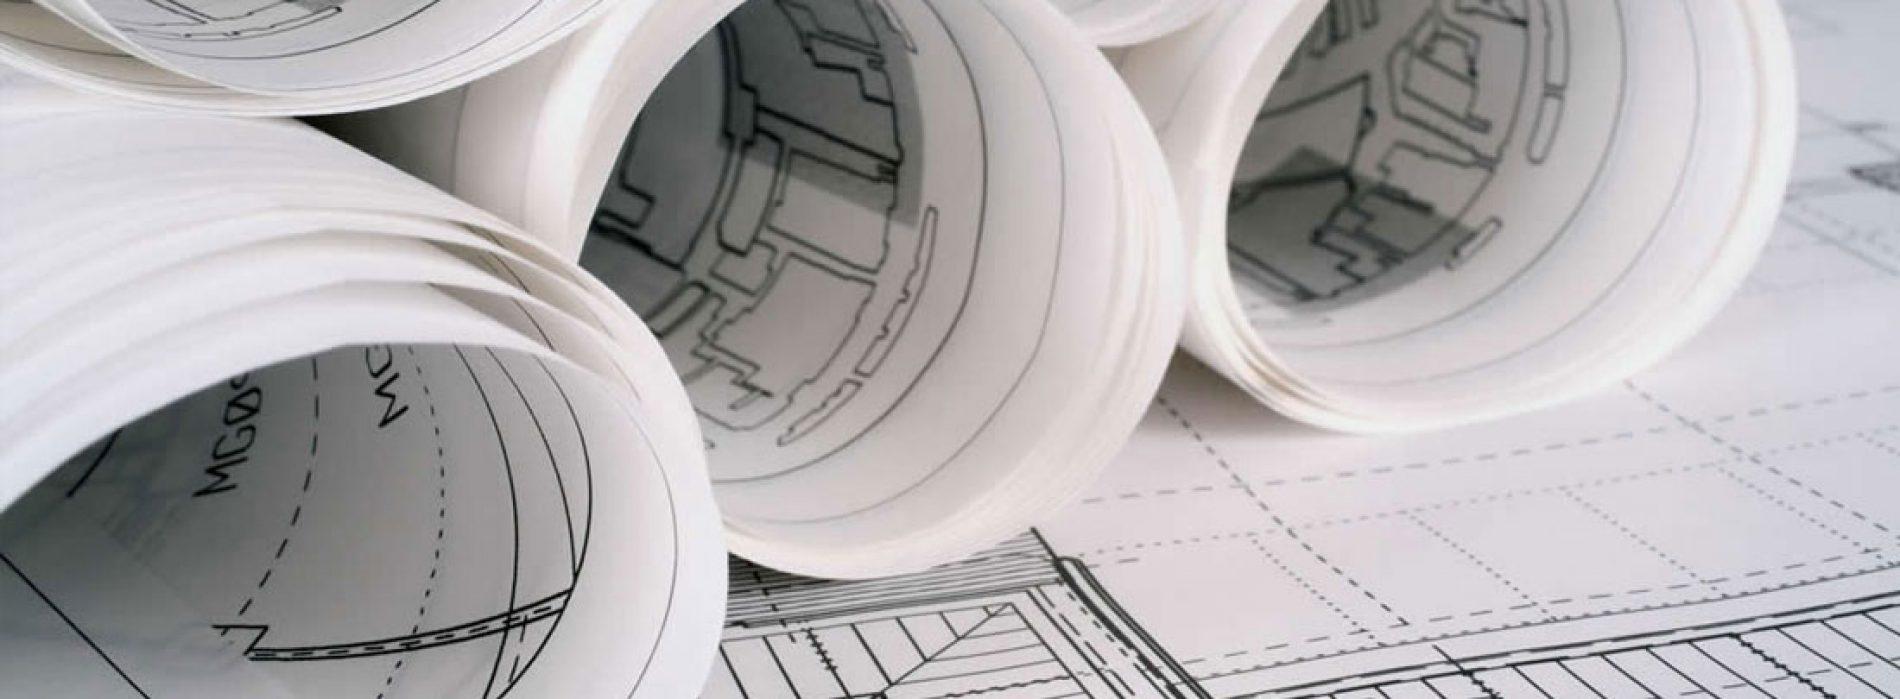 Nasce l'Osservatorio nazionale sui servizi di architettura e ingegneria